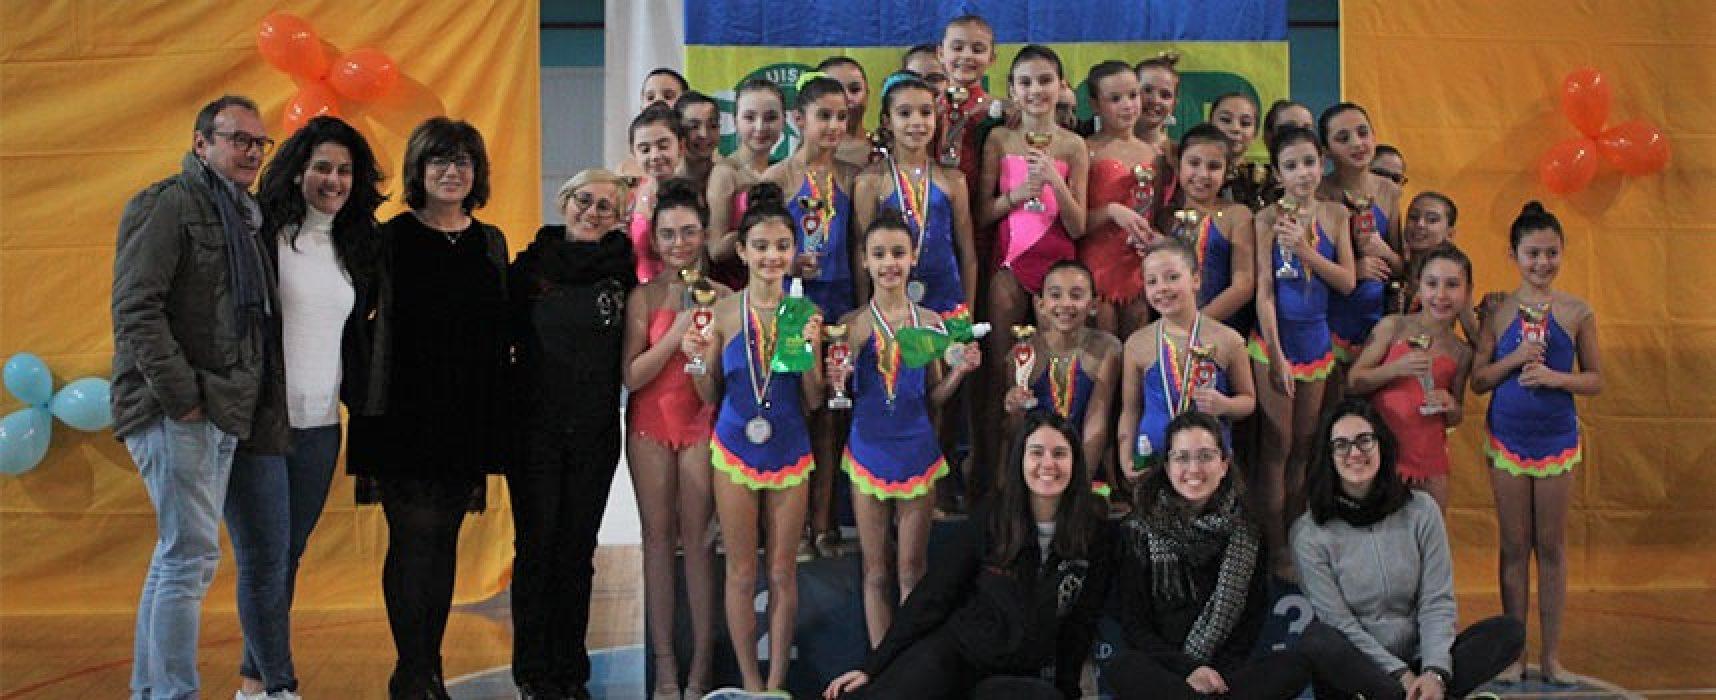 PalaDolmen gremito per il Trofeo del Sorriso di ginnastica ritmica / FOTO